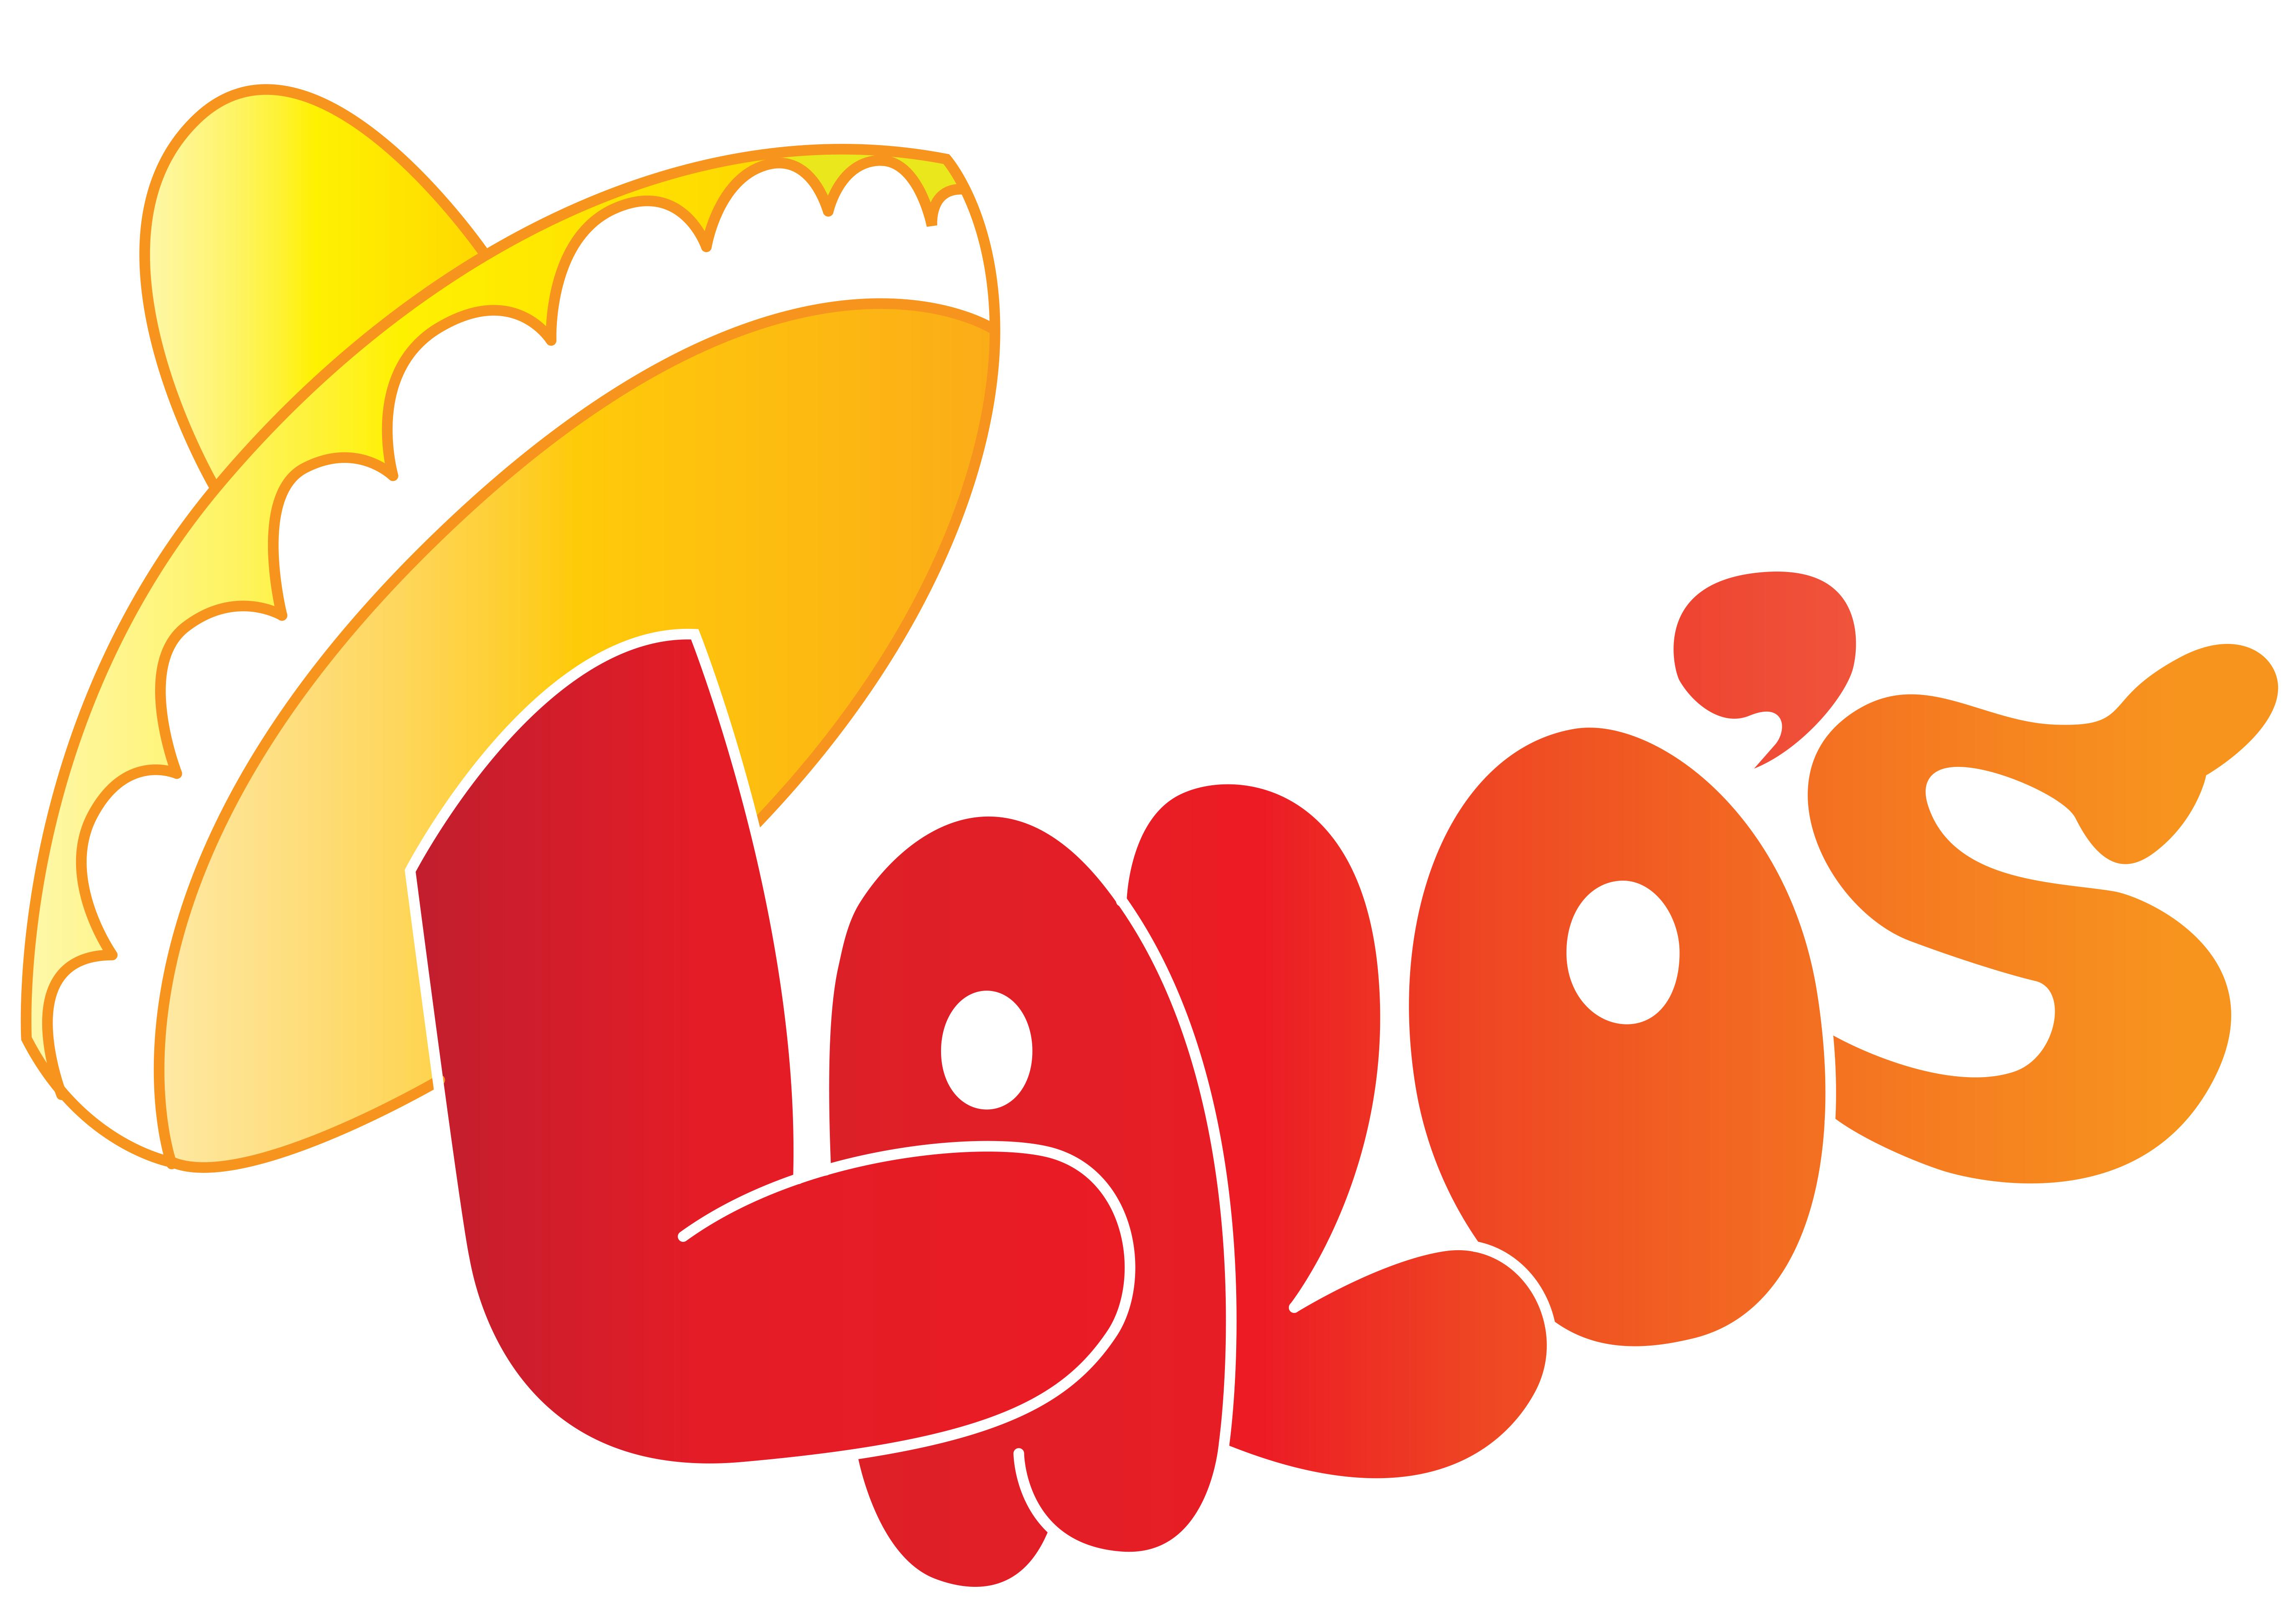 Lalos